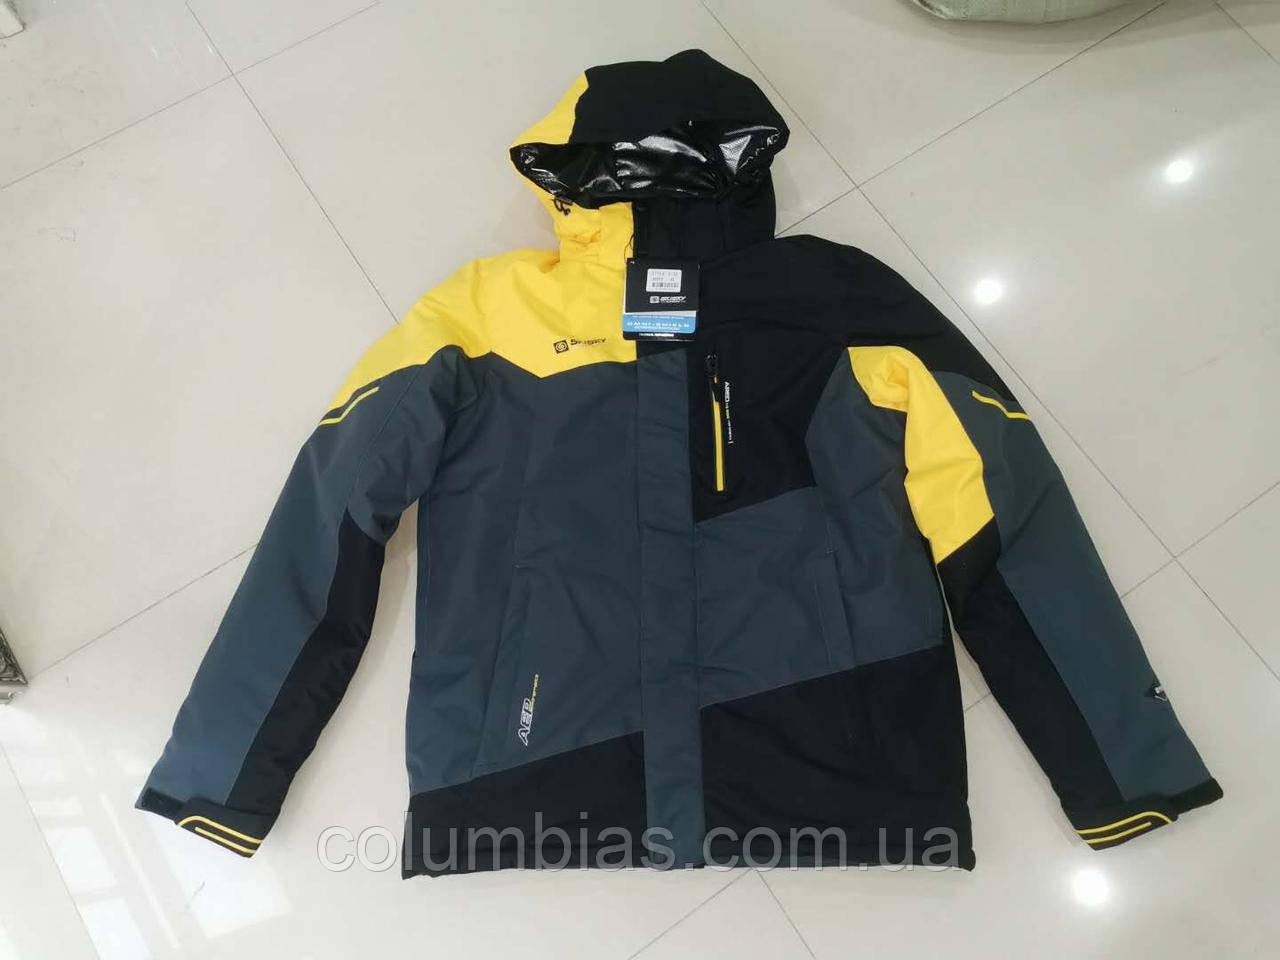 Мужская зимняя спортивная куртка columbia . ski, любые размеры